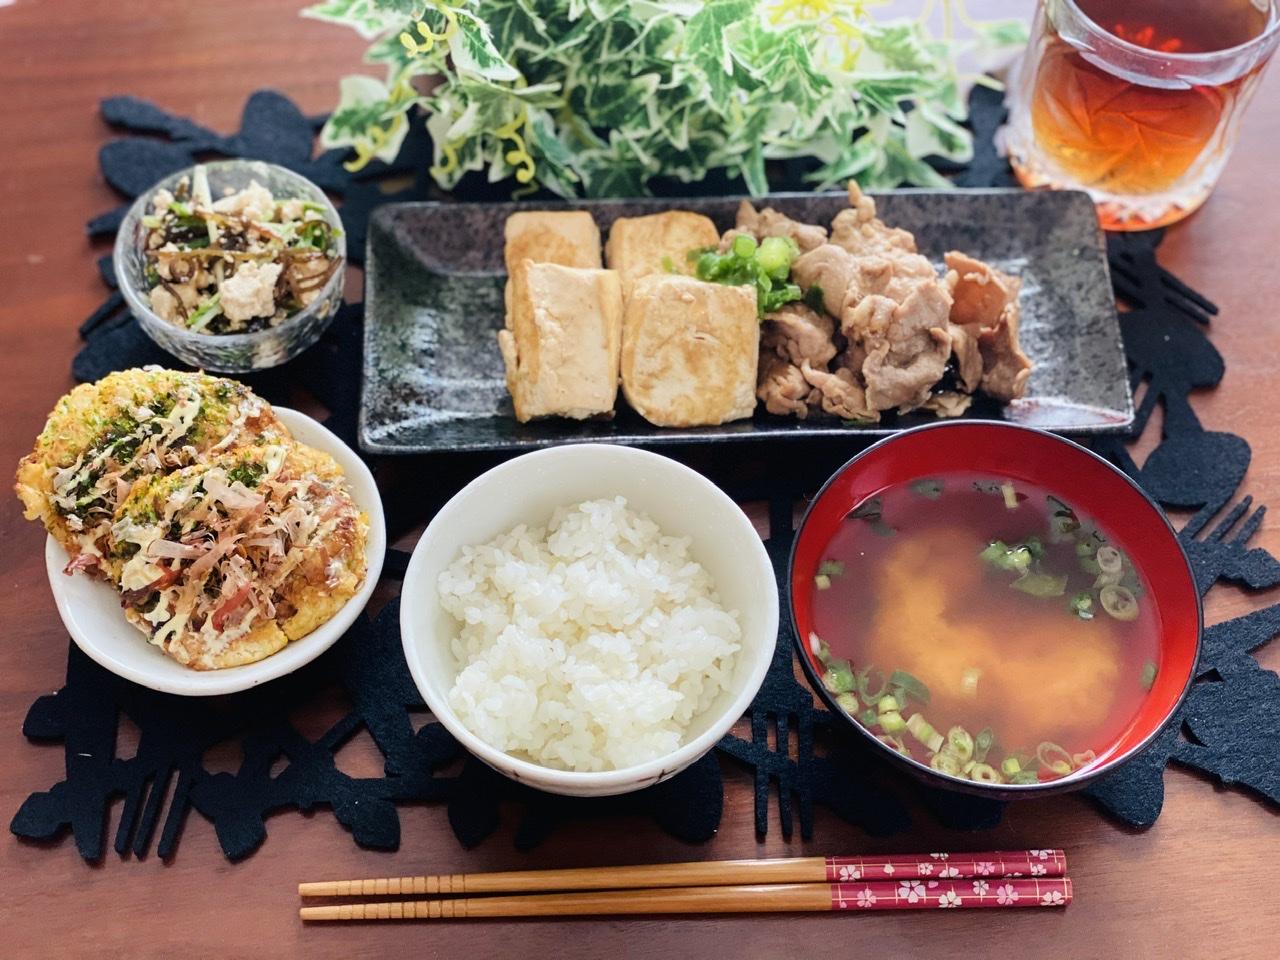 【今月のお家ごはん】アラサー女子の食卓!作り置きおかずでラク晩ご飯♡-Vol.21-_3